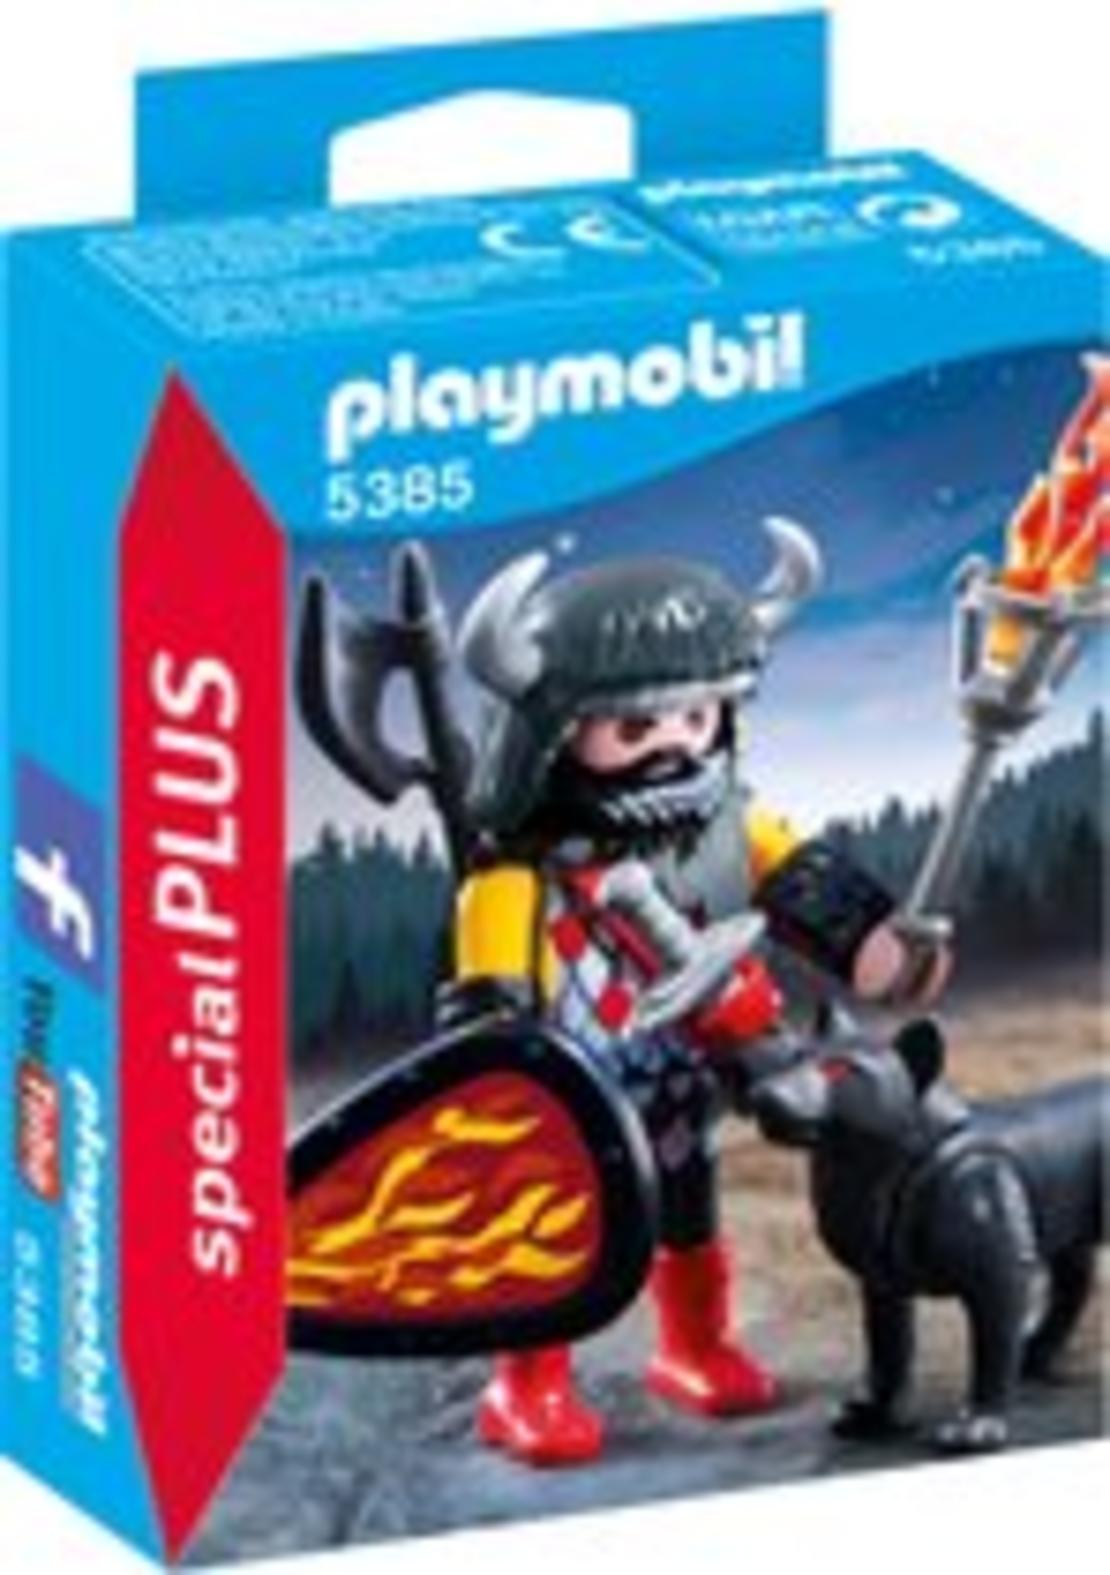 פליימוביל 5385 - לוחם זאב